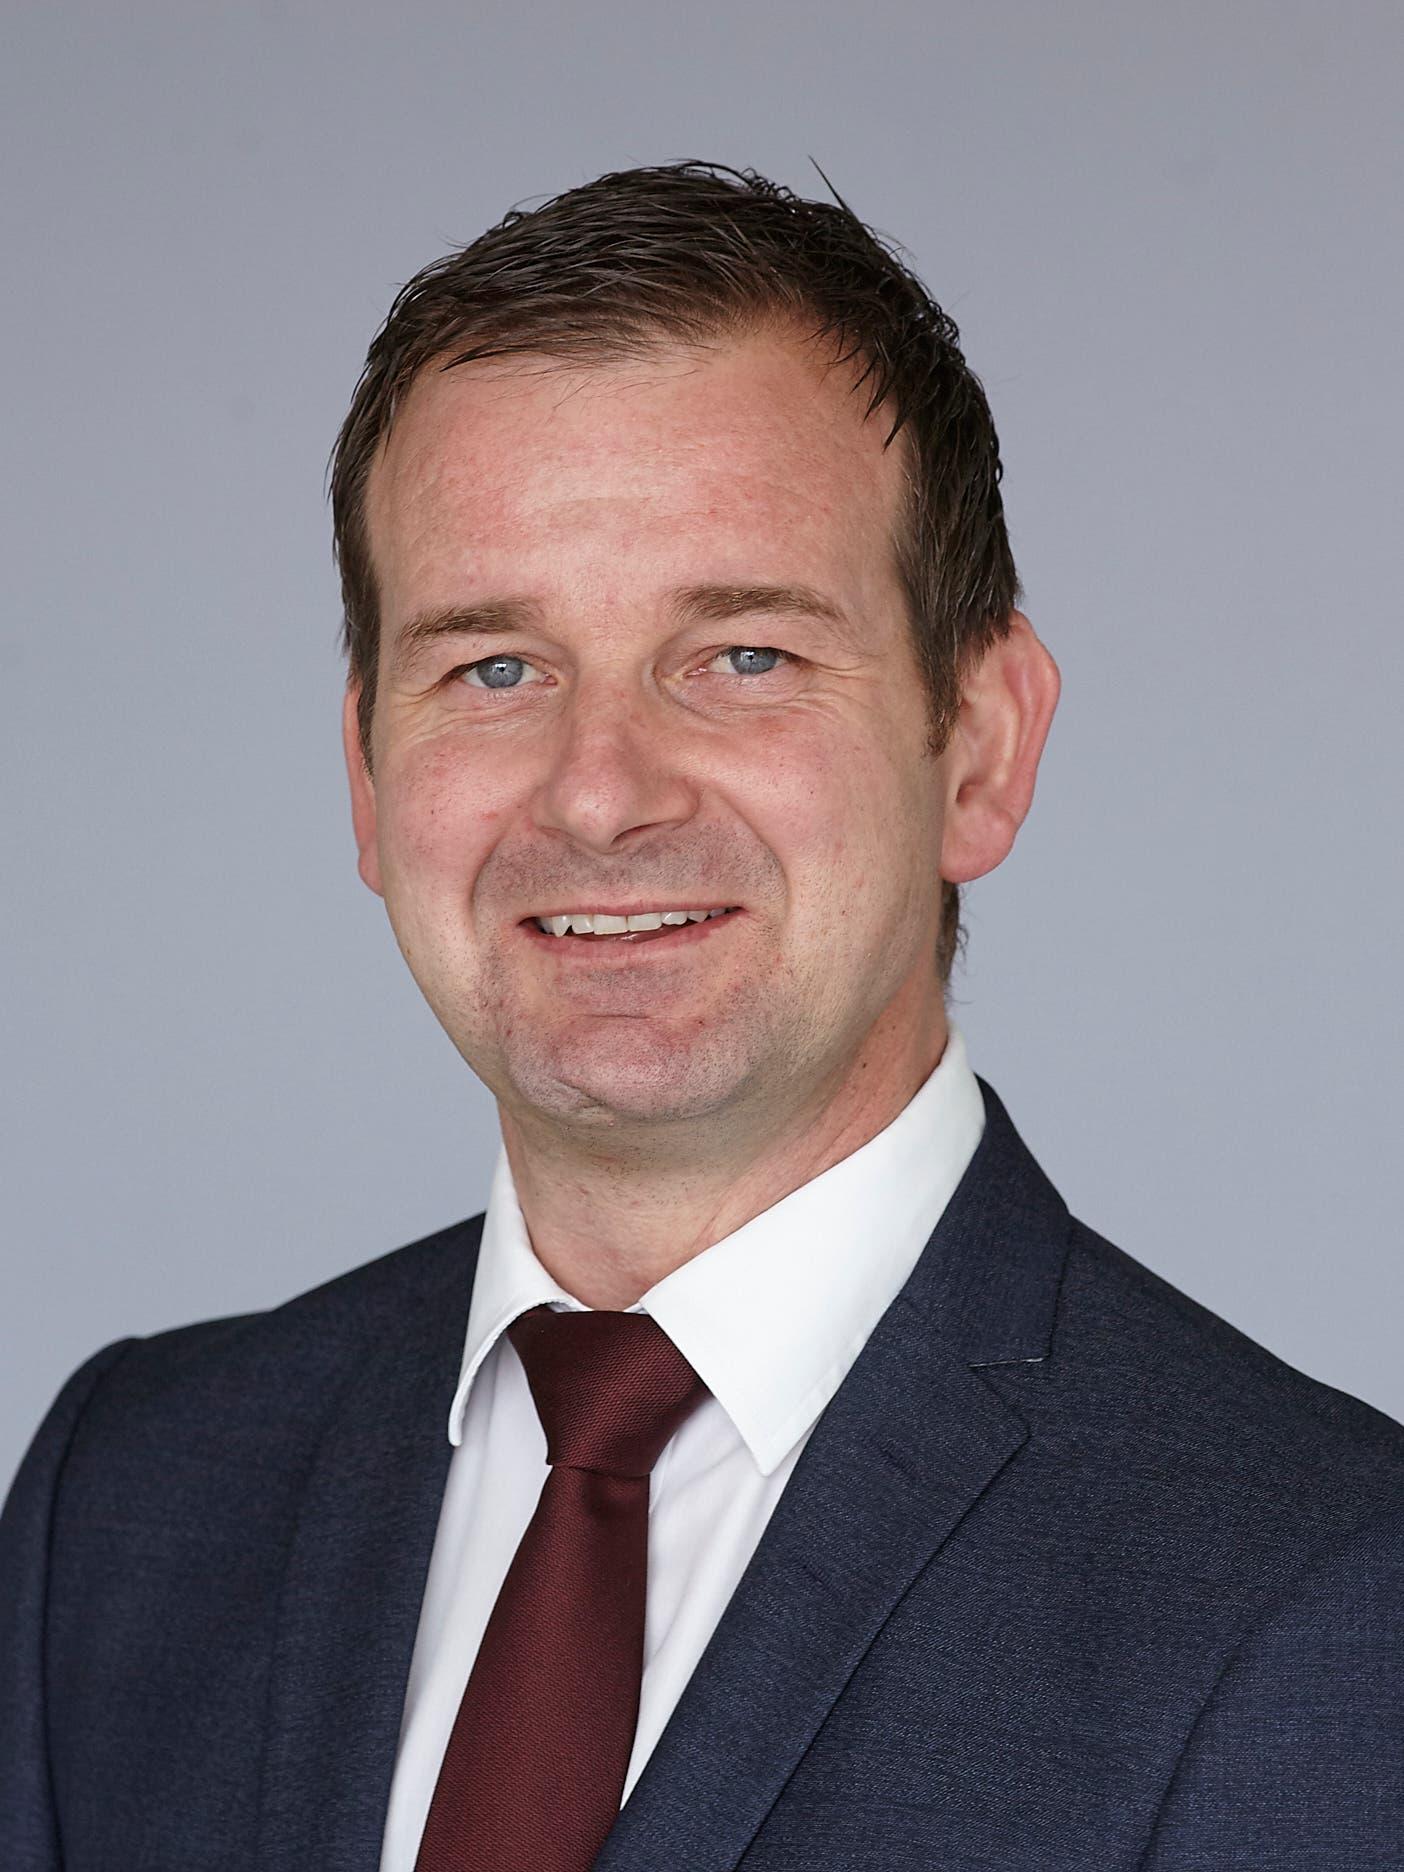 Gewählt: Peter Ineichen, FDP (bisher)